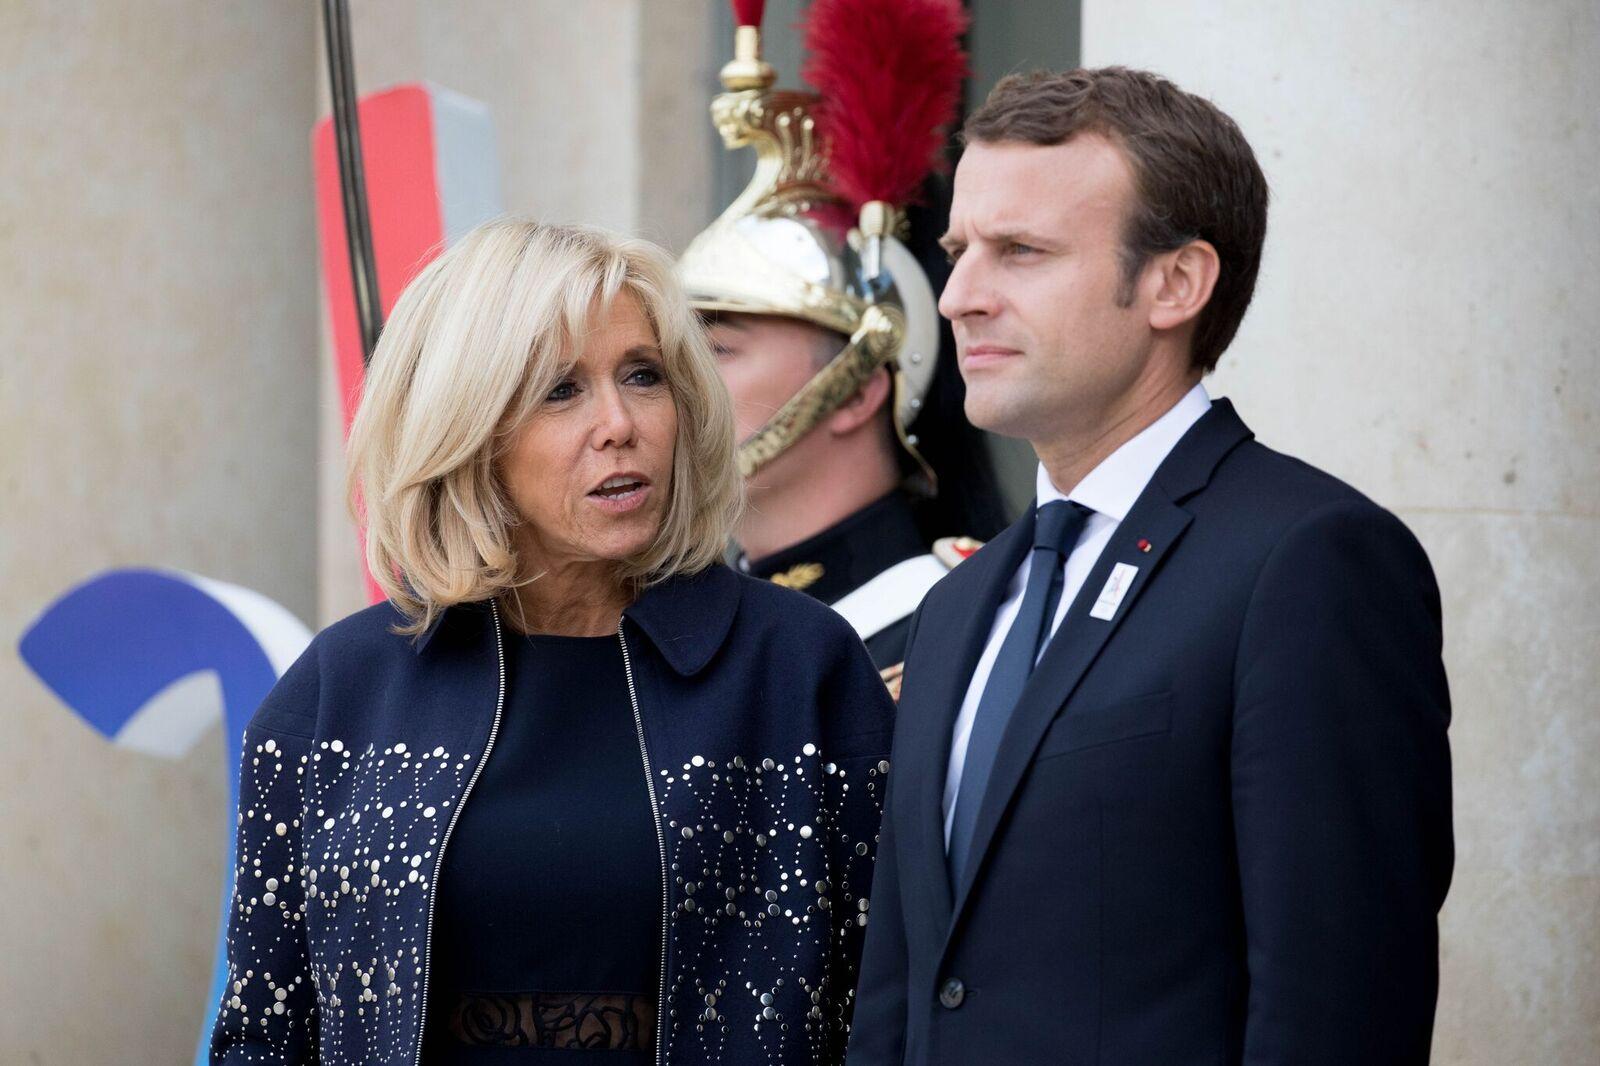 Emmanuel Macron et son épouse Brigitte Trogneux attendent d'accueillir leurs invités. | Photo : GettyImage